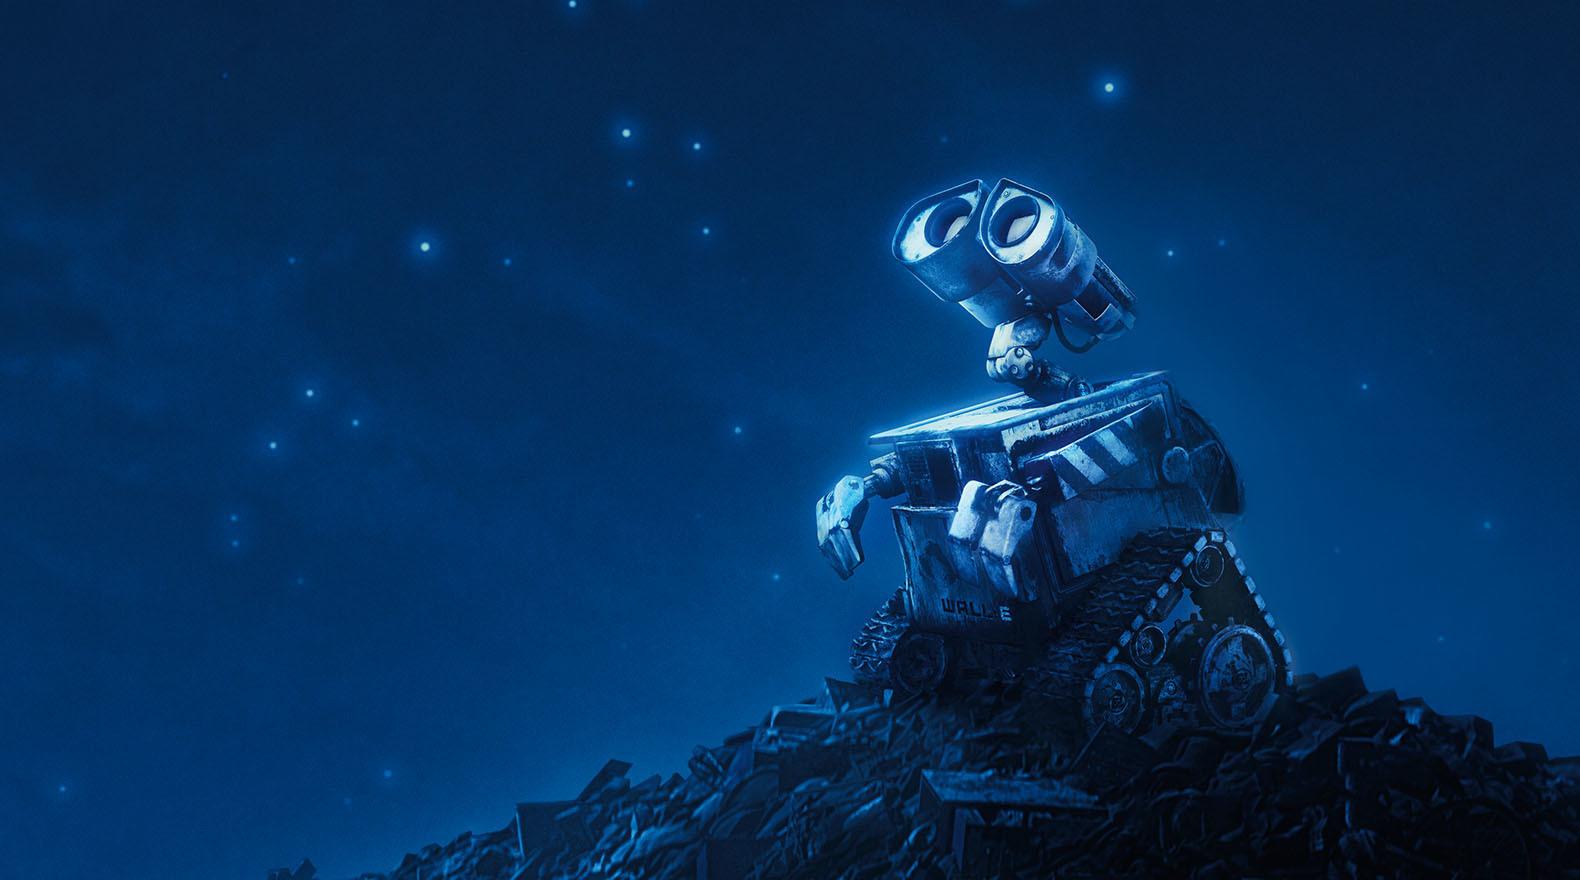 دستاورد انسان در طول سالهای حیاتش در زمین تنها تخریب و نابودی زمین است، روزگاری فرا میرسد که رباتها به کمک انسانهای تخریب کننده میآیند. در این میان WALL-E ربات بیچارۀ قدیمی غژغژ کنانی است که در زمینِ مملوء از زباله تنها مانده است.